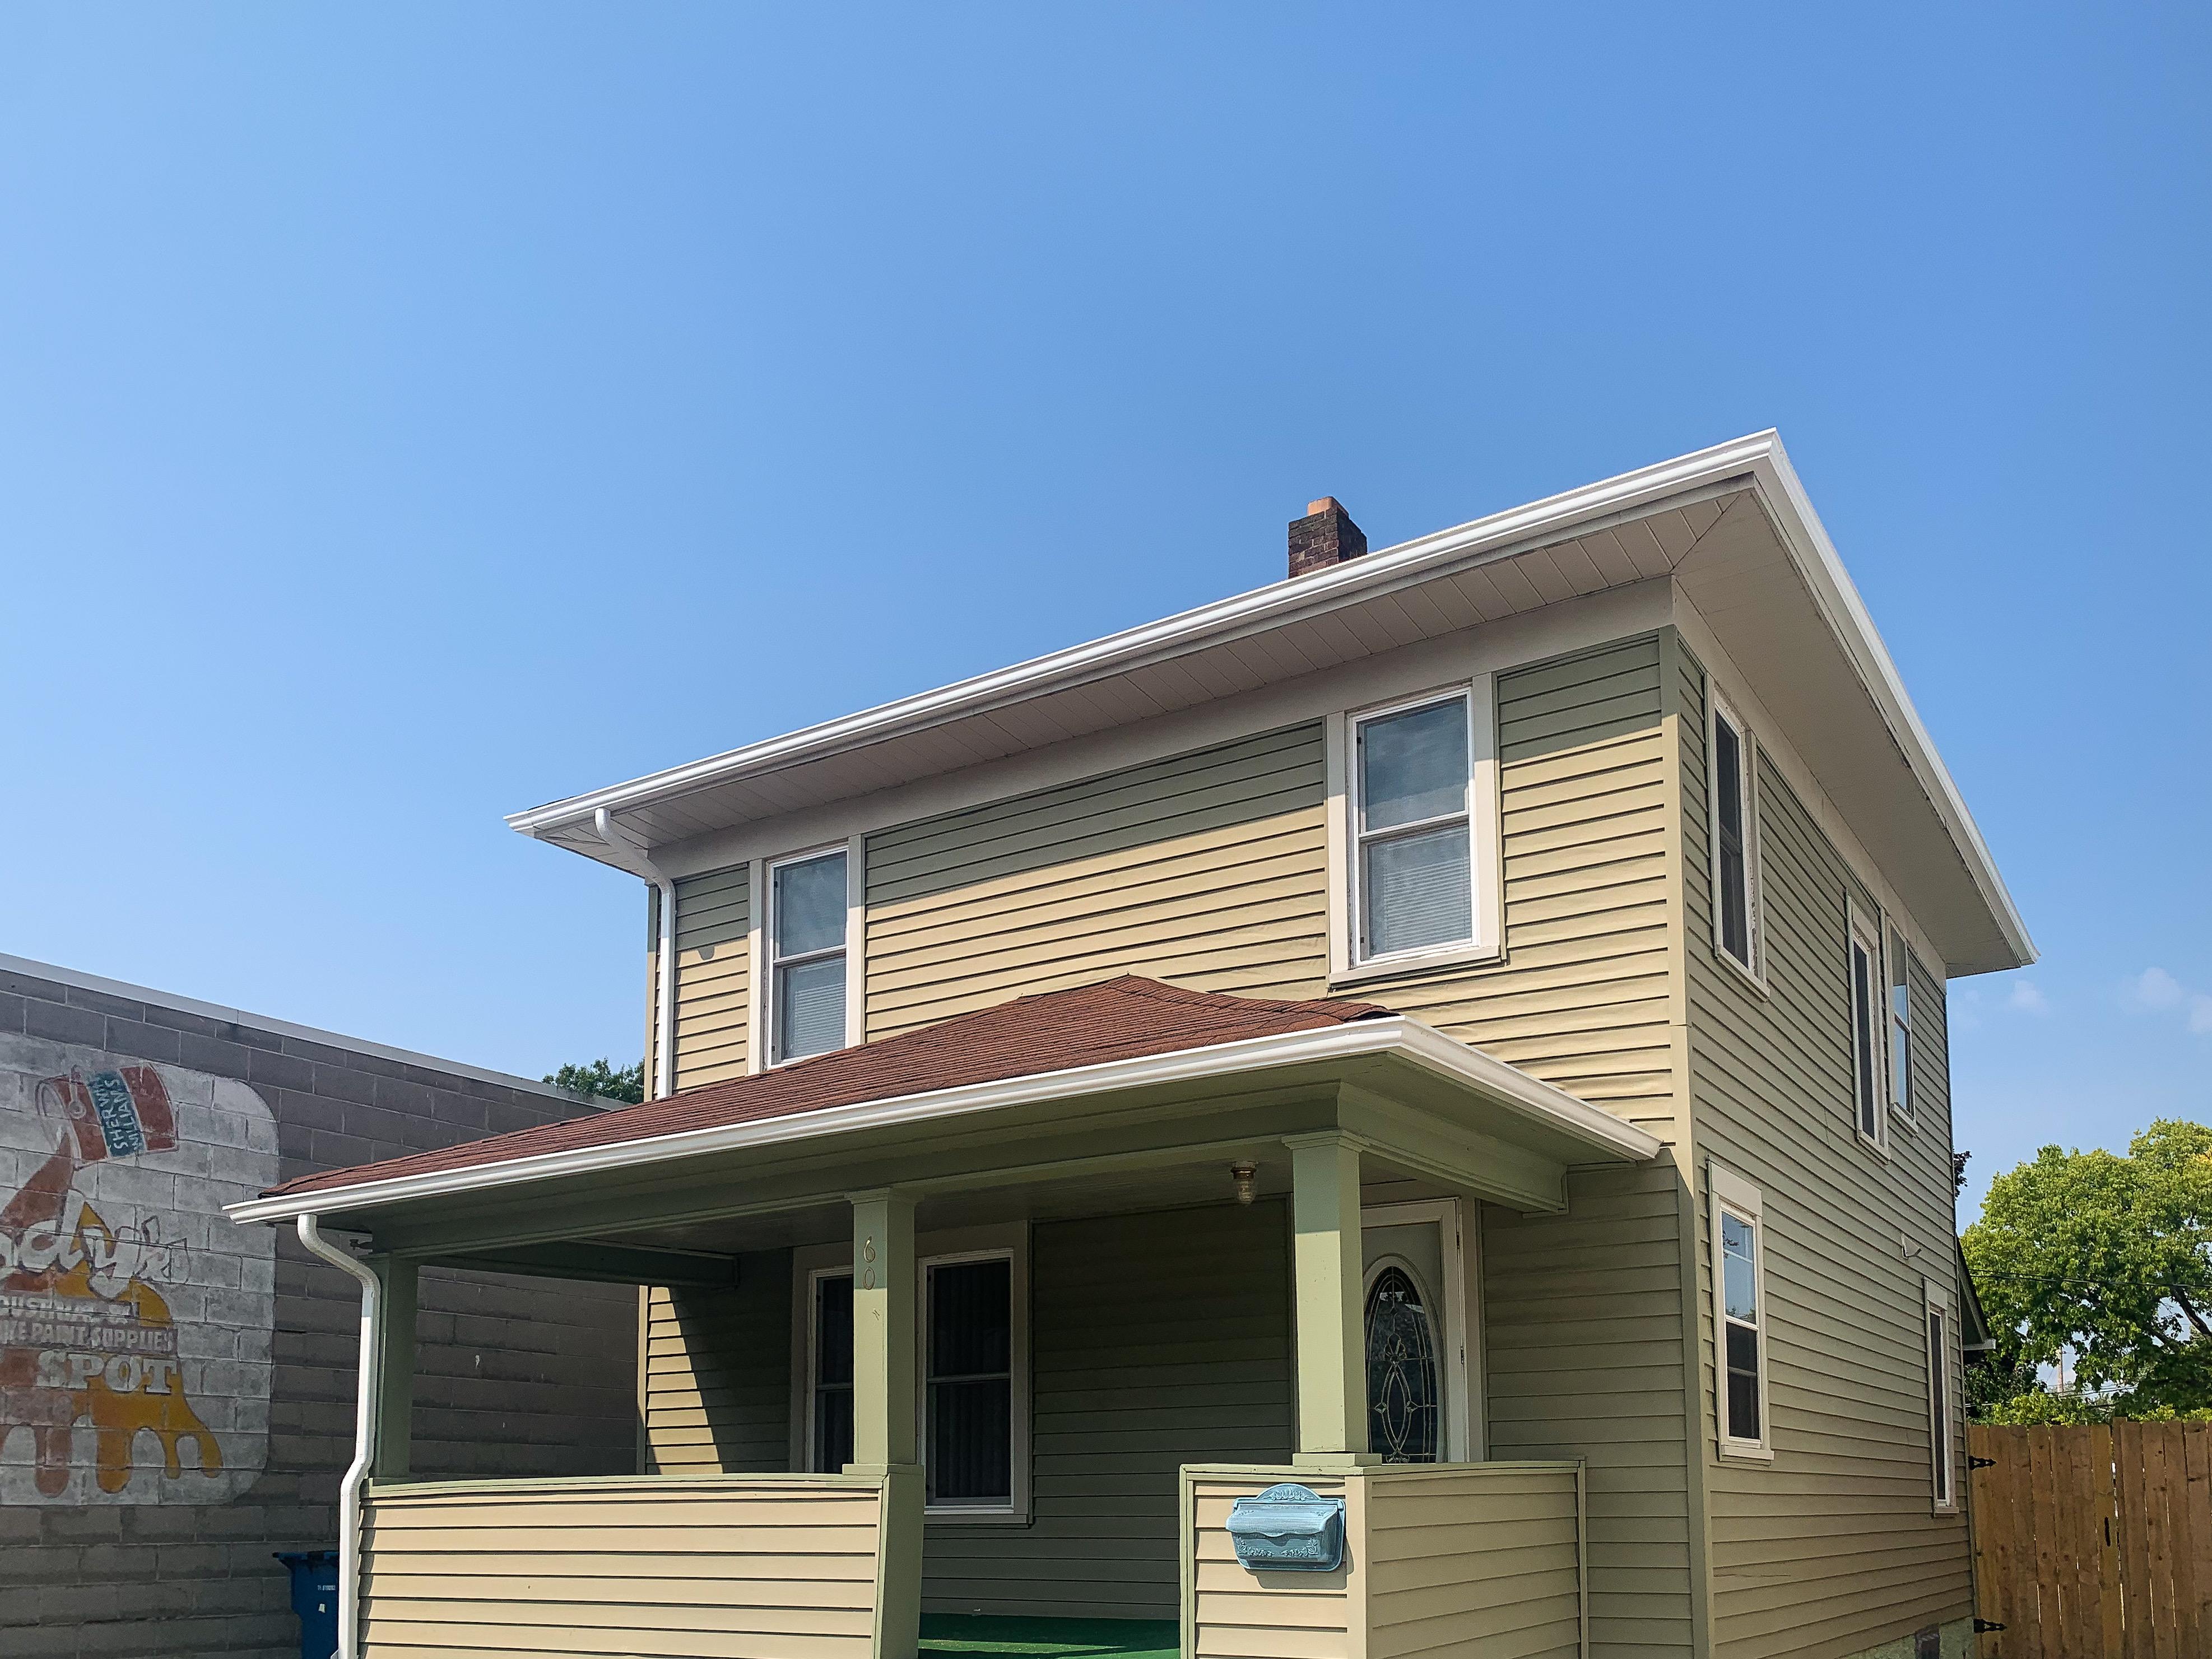 3/1 Home @ 608 E Mishawaka Ave, Mishawaka